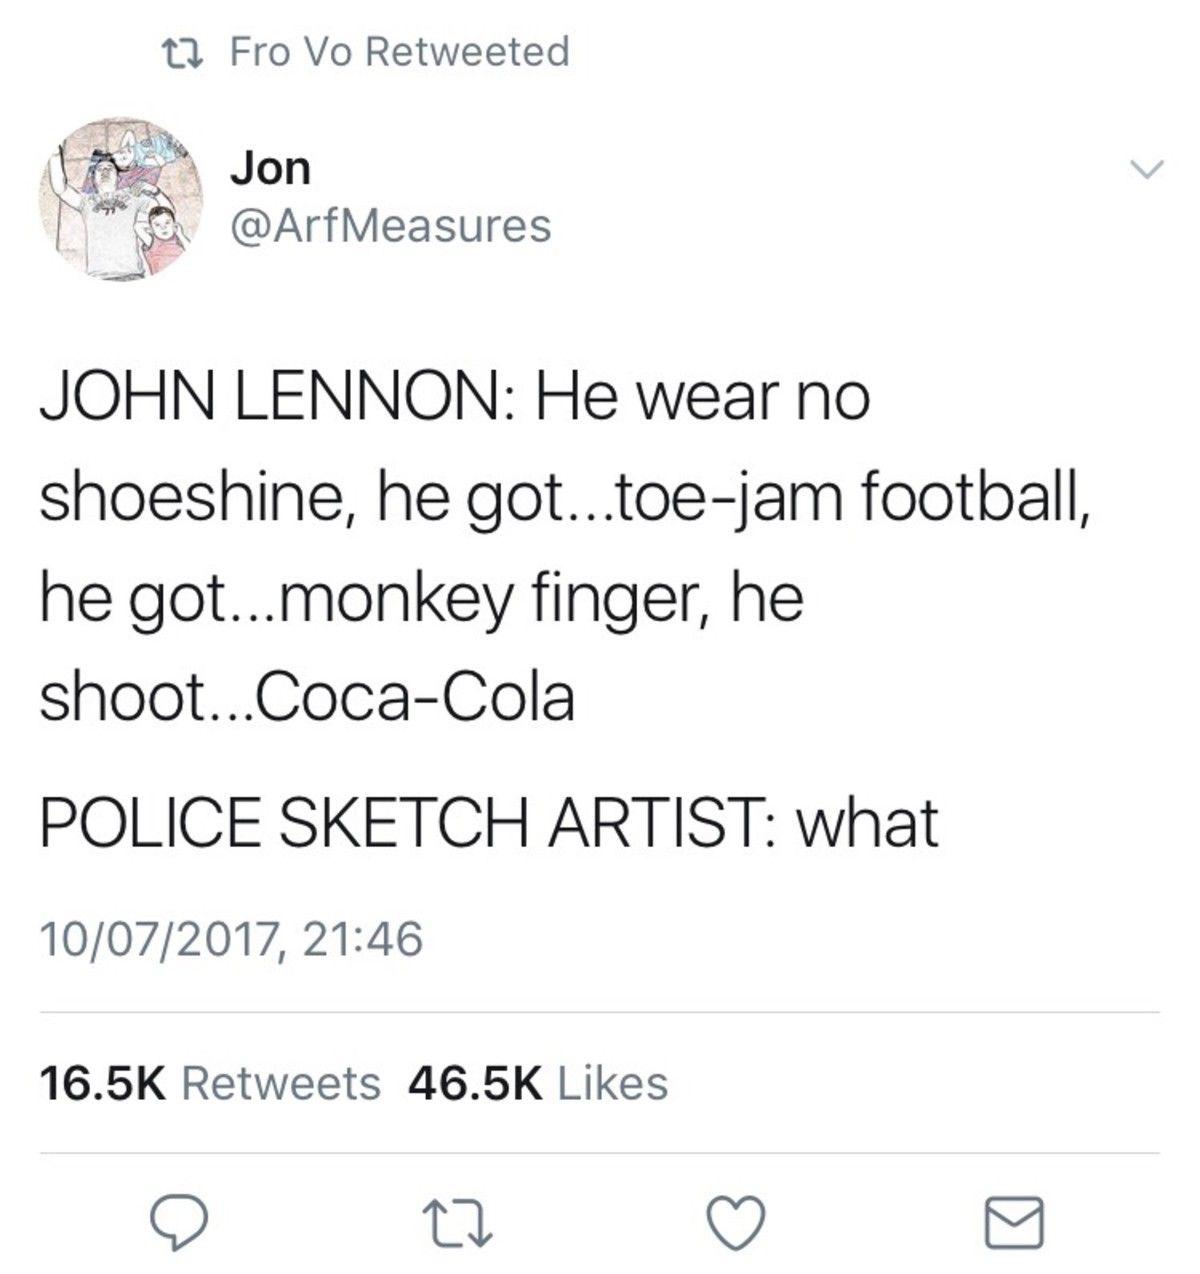 Sounds like a sketchy guy